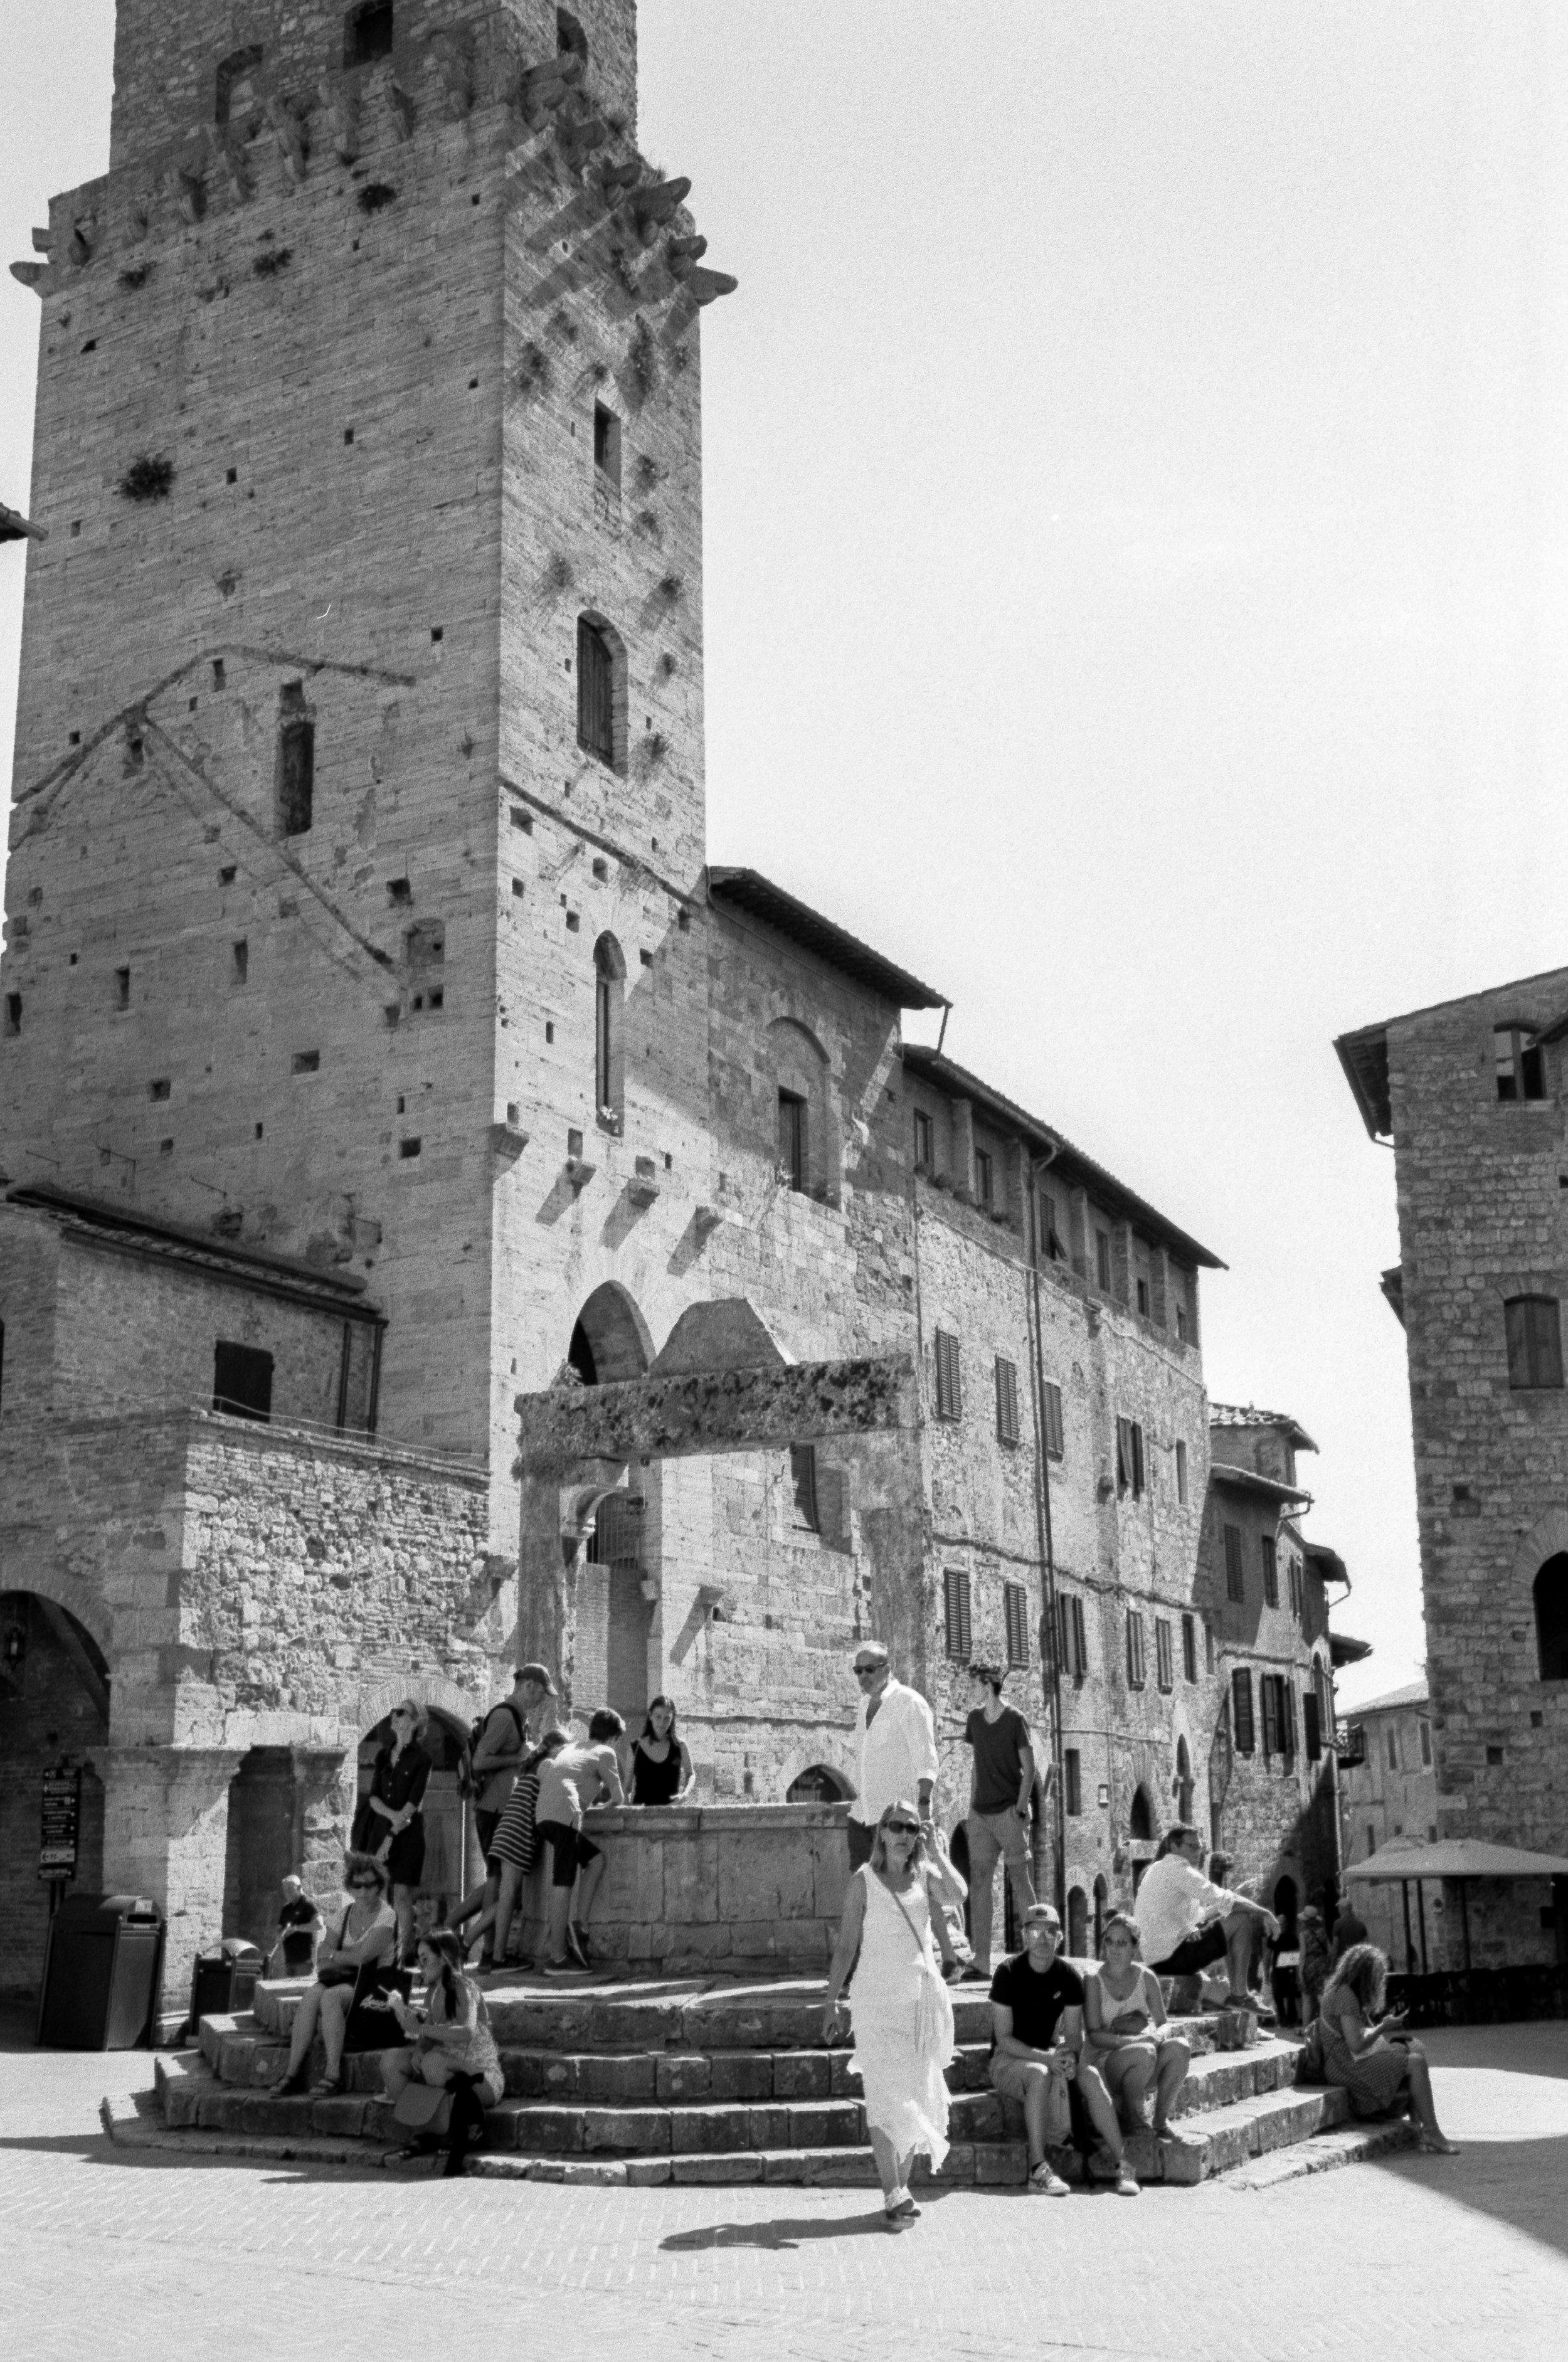 San Gimignano. Italy. 2019.